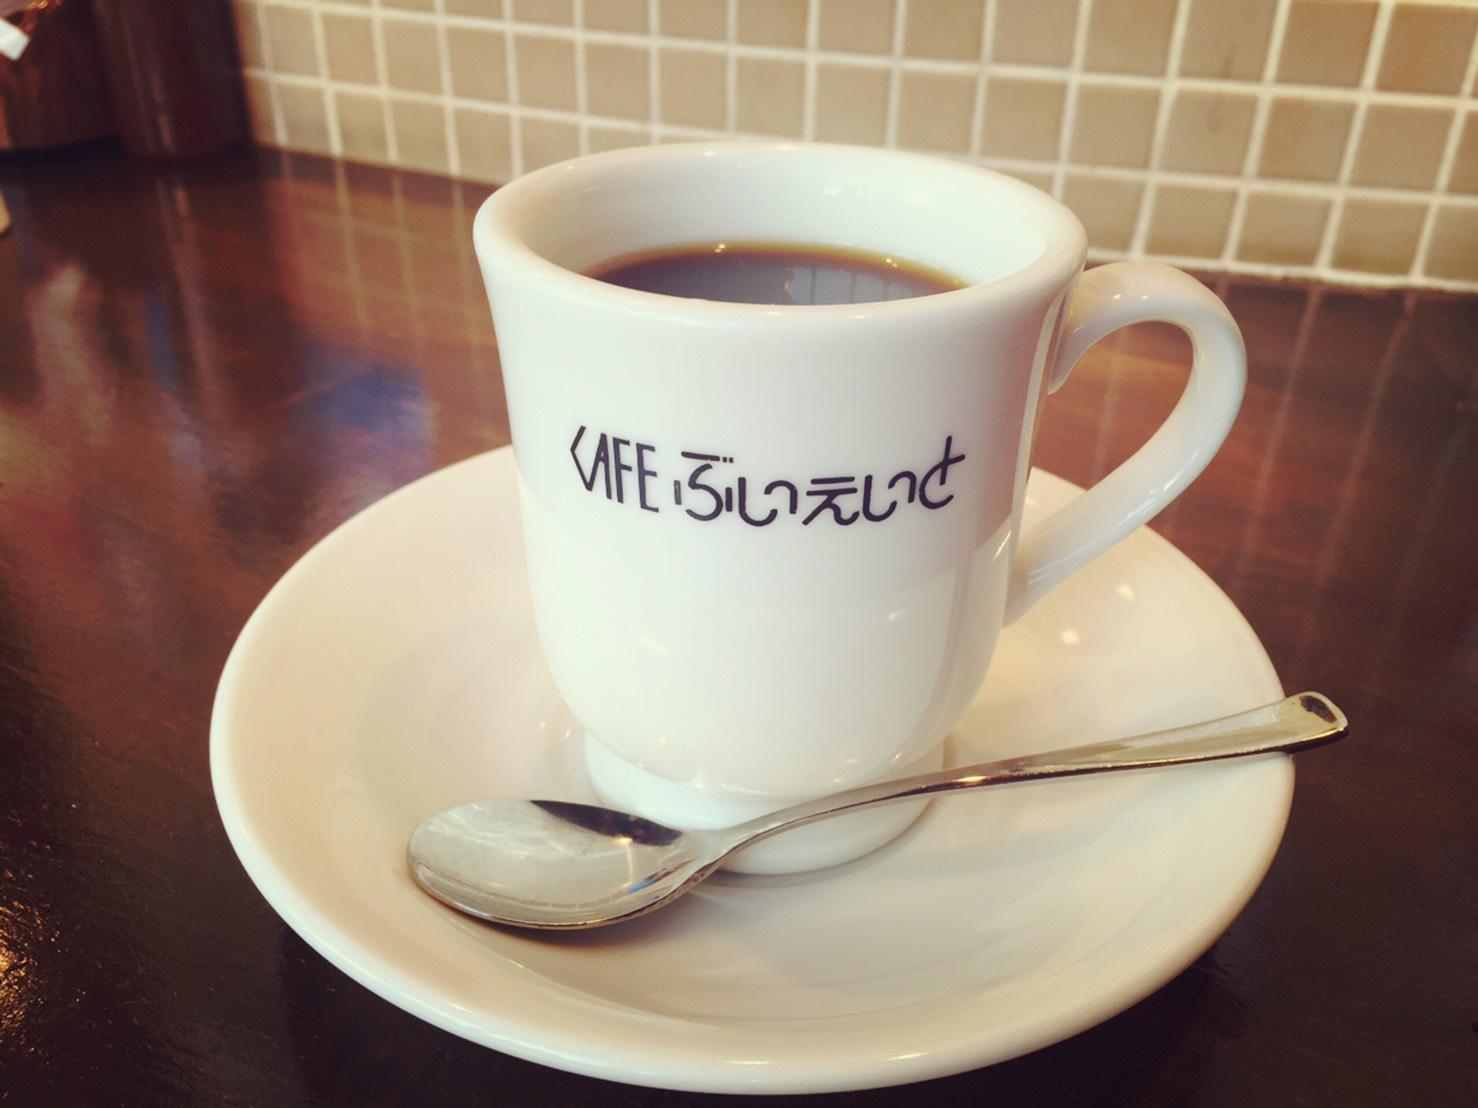 Cafe ぶいえいと コーヒー おすすめ